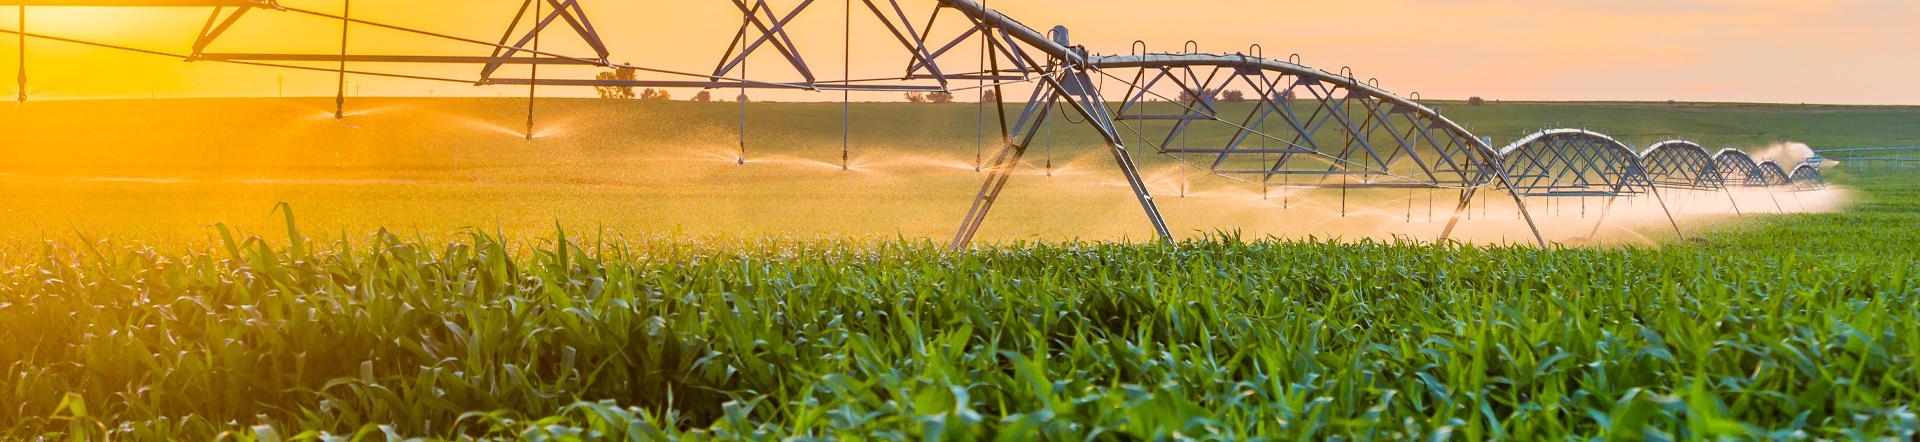 western nutrients sprinklers in a field